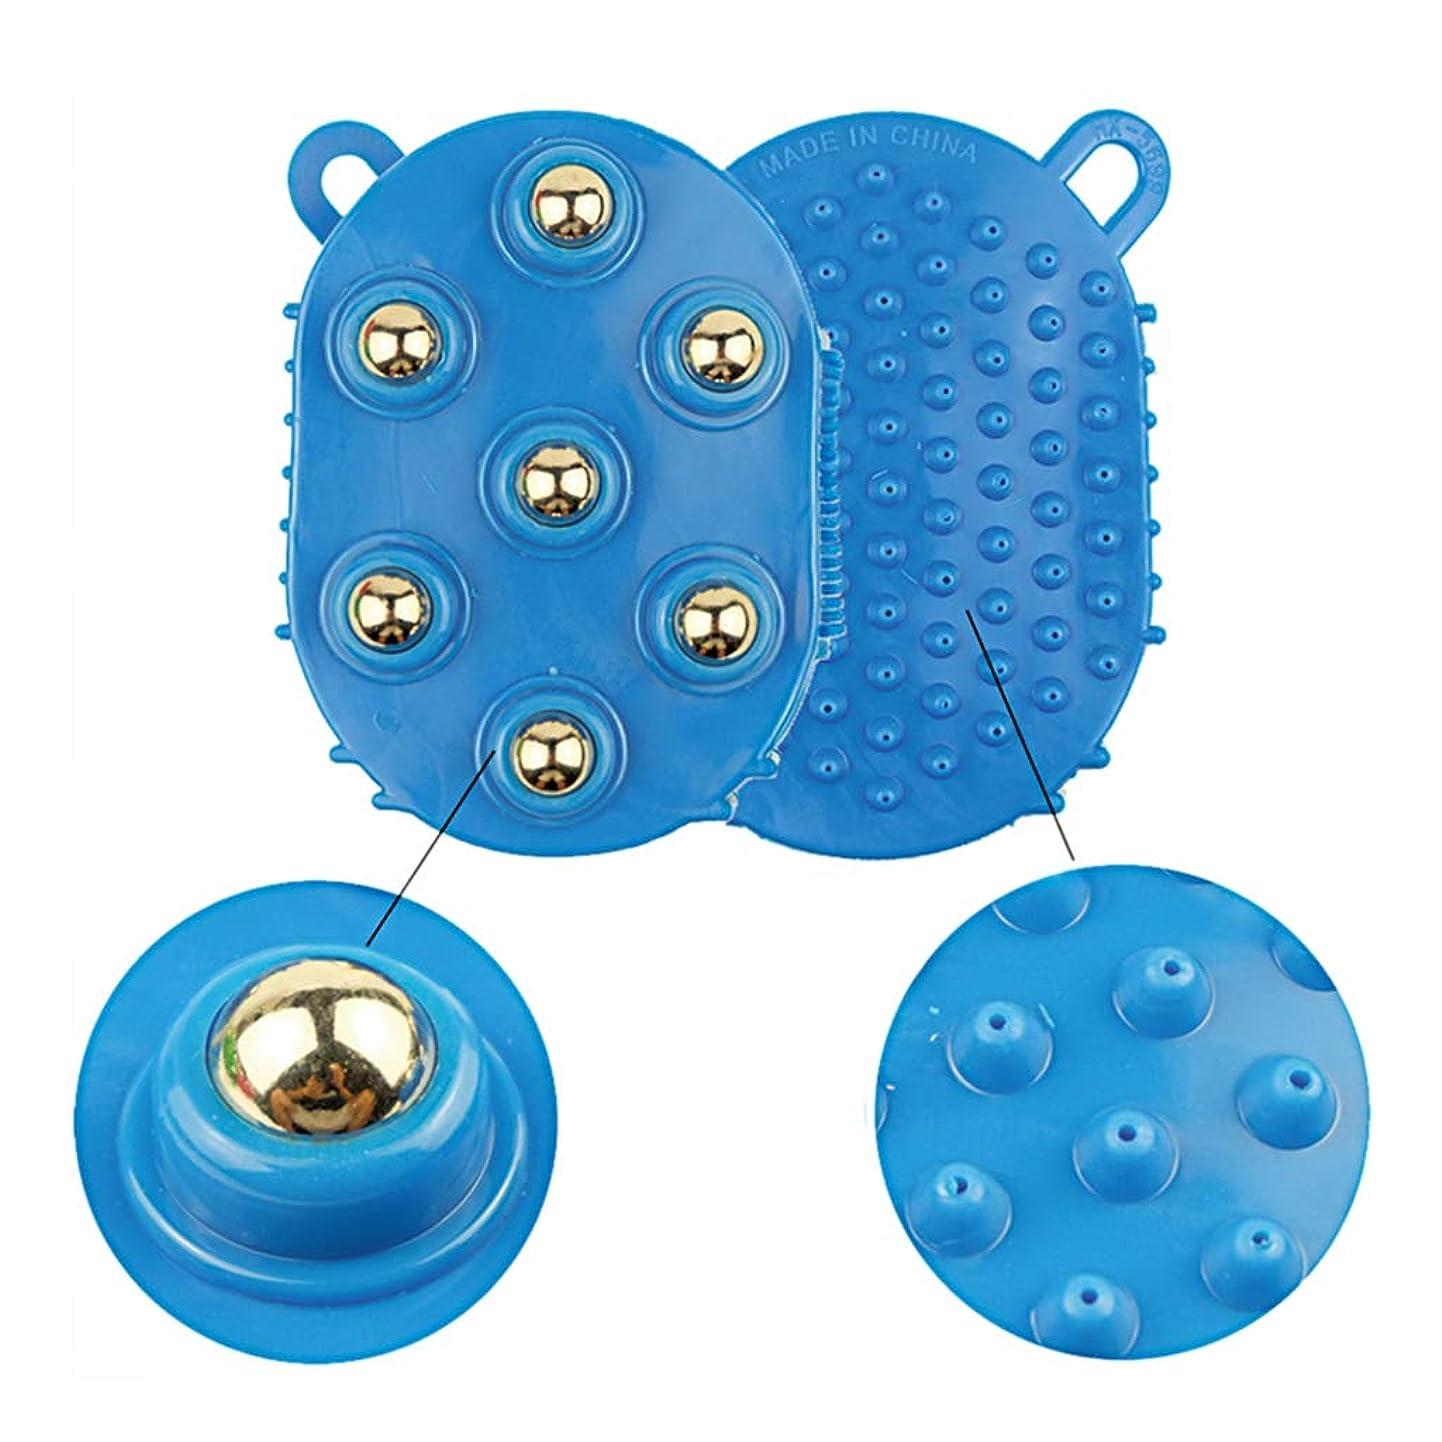 承知しました減るスリム360度スピン7ピーススチールボールローラー痩身ボディマッサージブラシバスで洗うディープティッシュマッサージボールスパイク付き(1パック),Blue